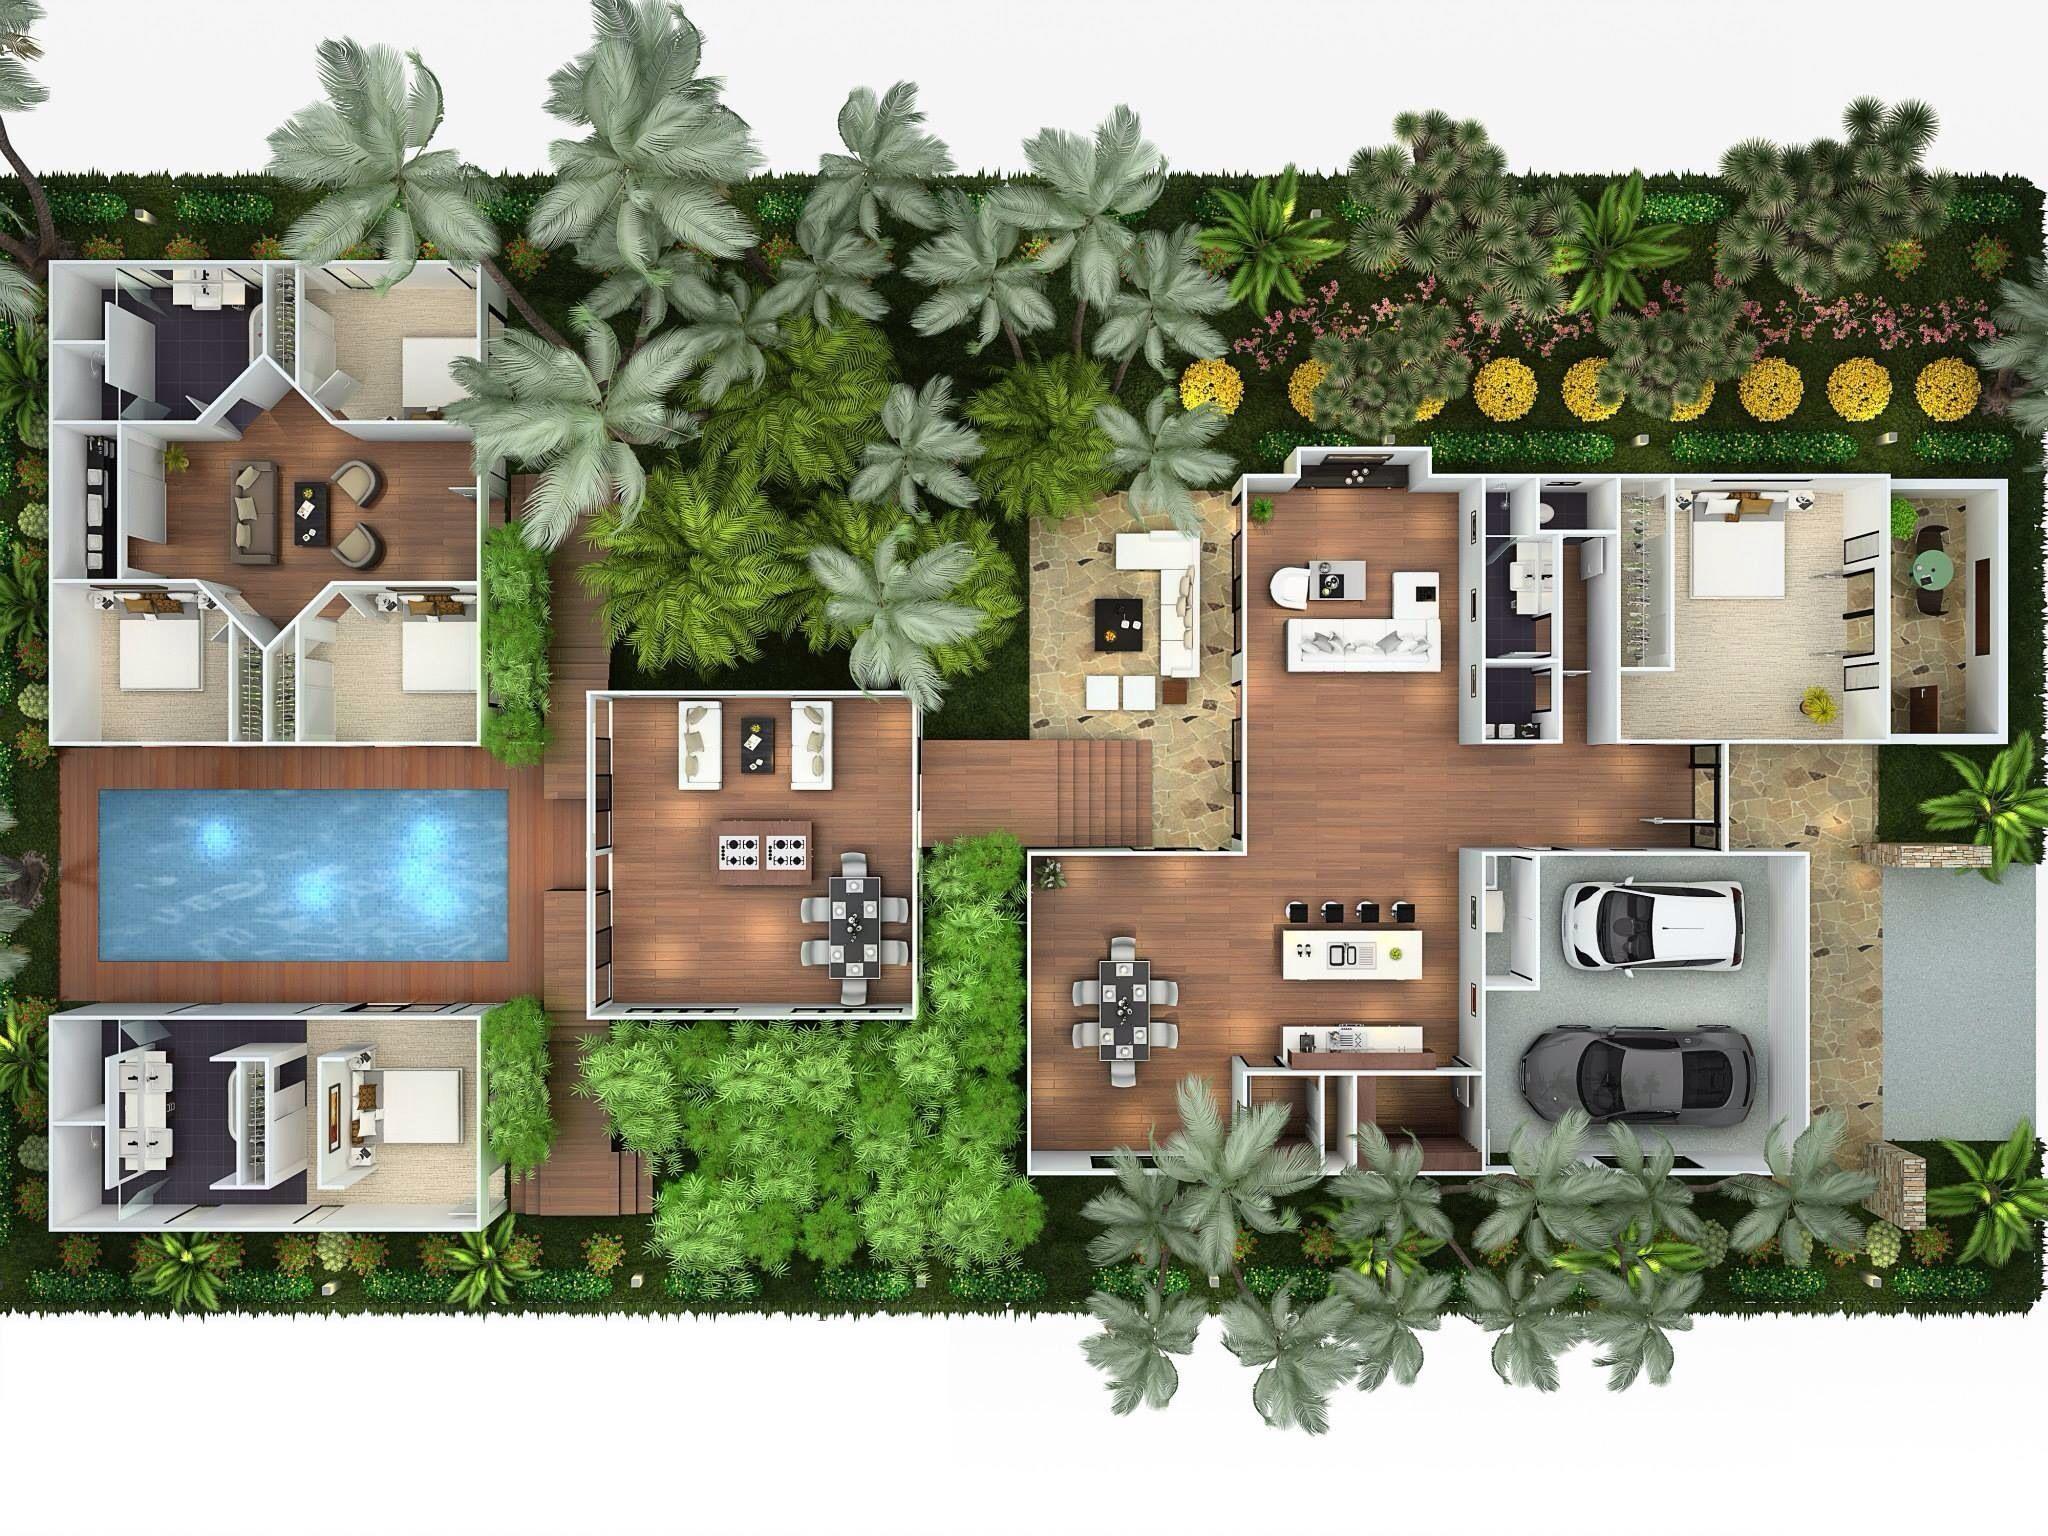 Casa habitaci n con reas independientes unidas por for Planos de casa habitacion